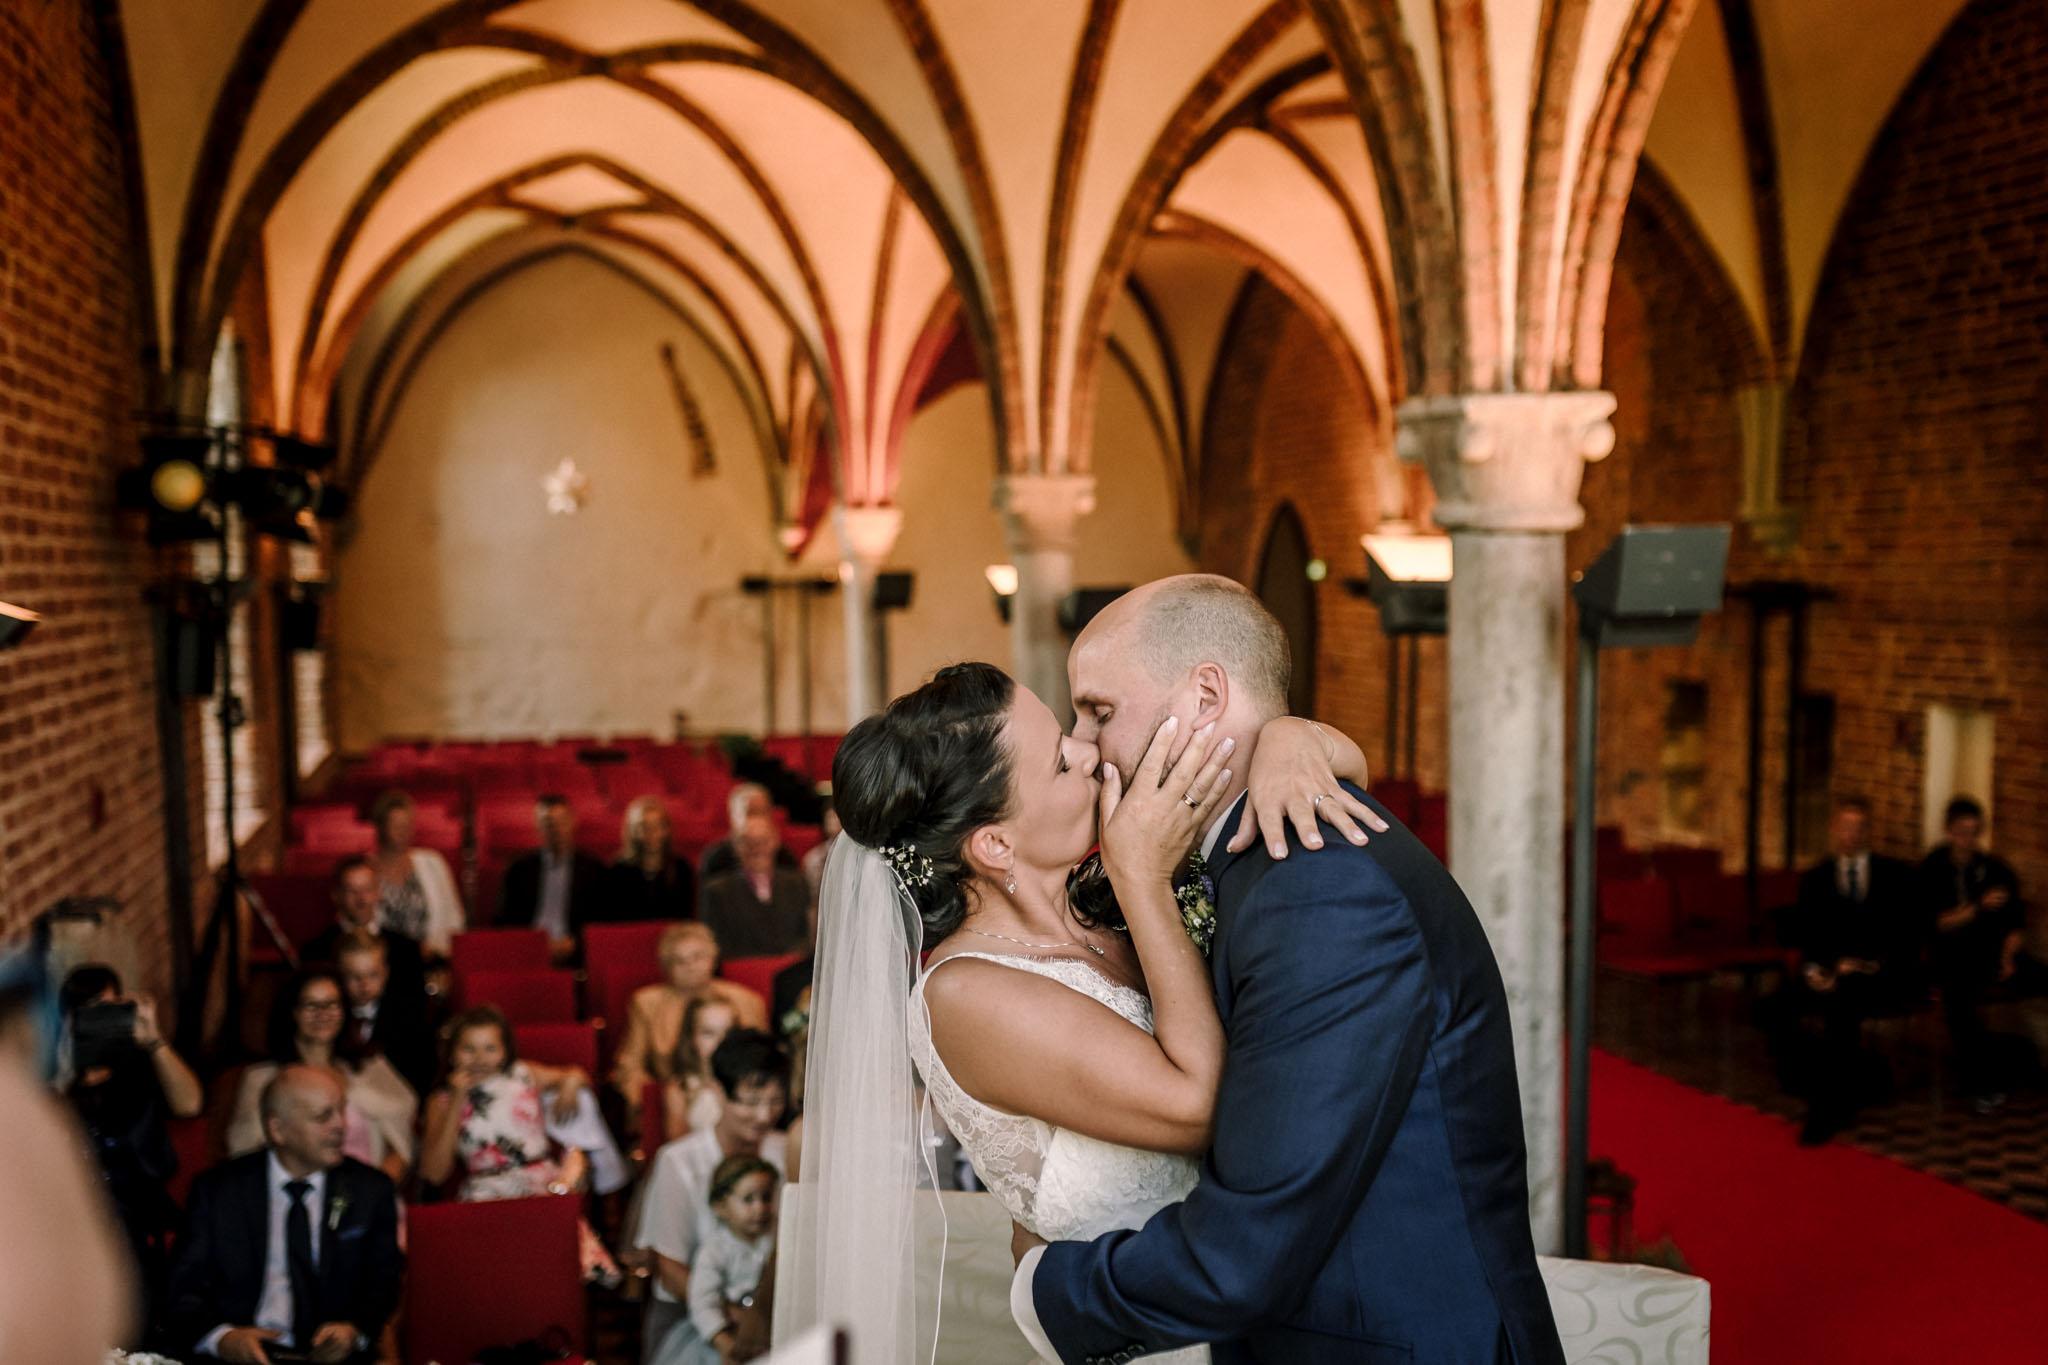 Hochzeitsfieber by Photo-Schomburg, Hochzeitsfotograf, Hamburg,Hochzeitstag, Hochzeitspaar, Braut, Bräutigam, Literaturhauscafe Zarrentin-44